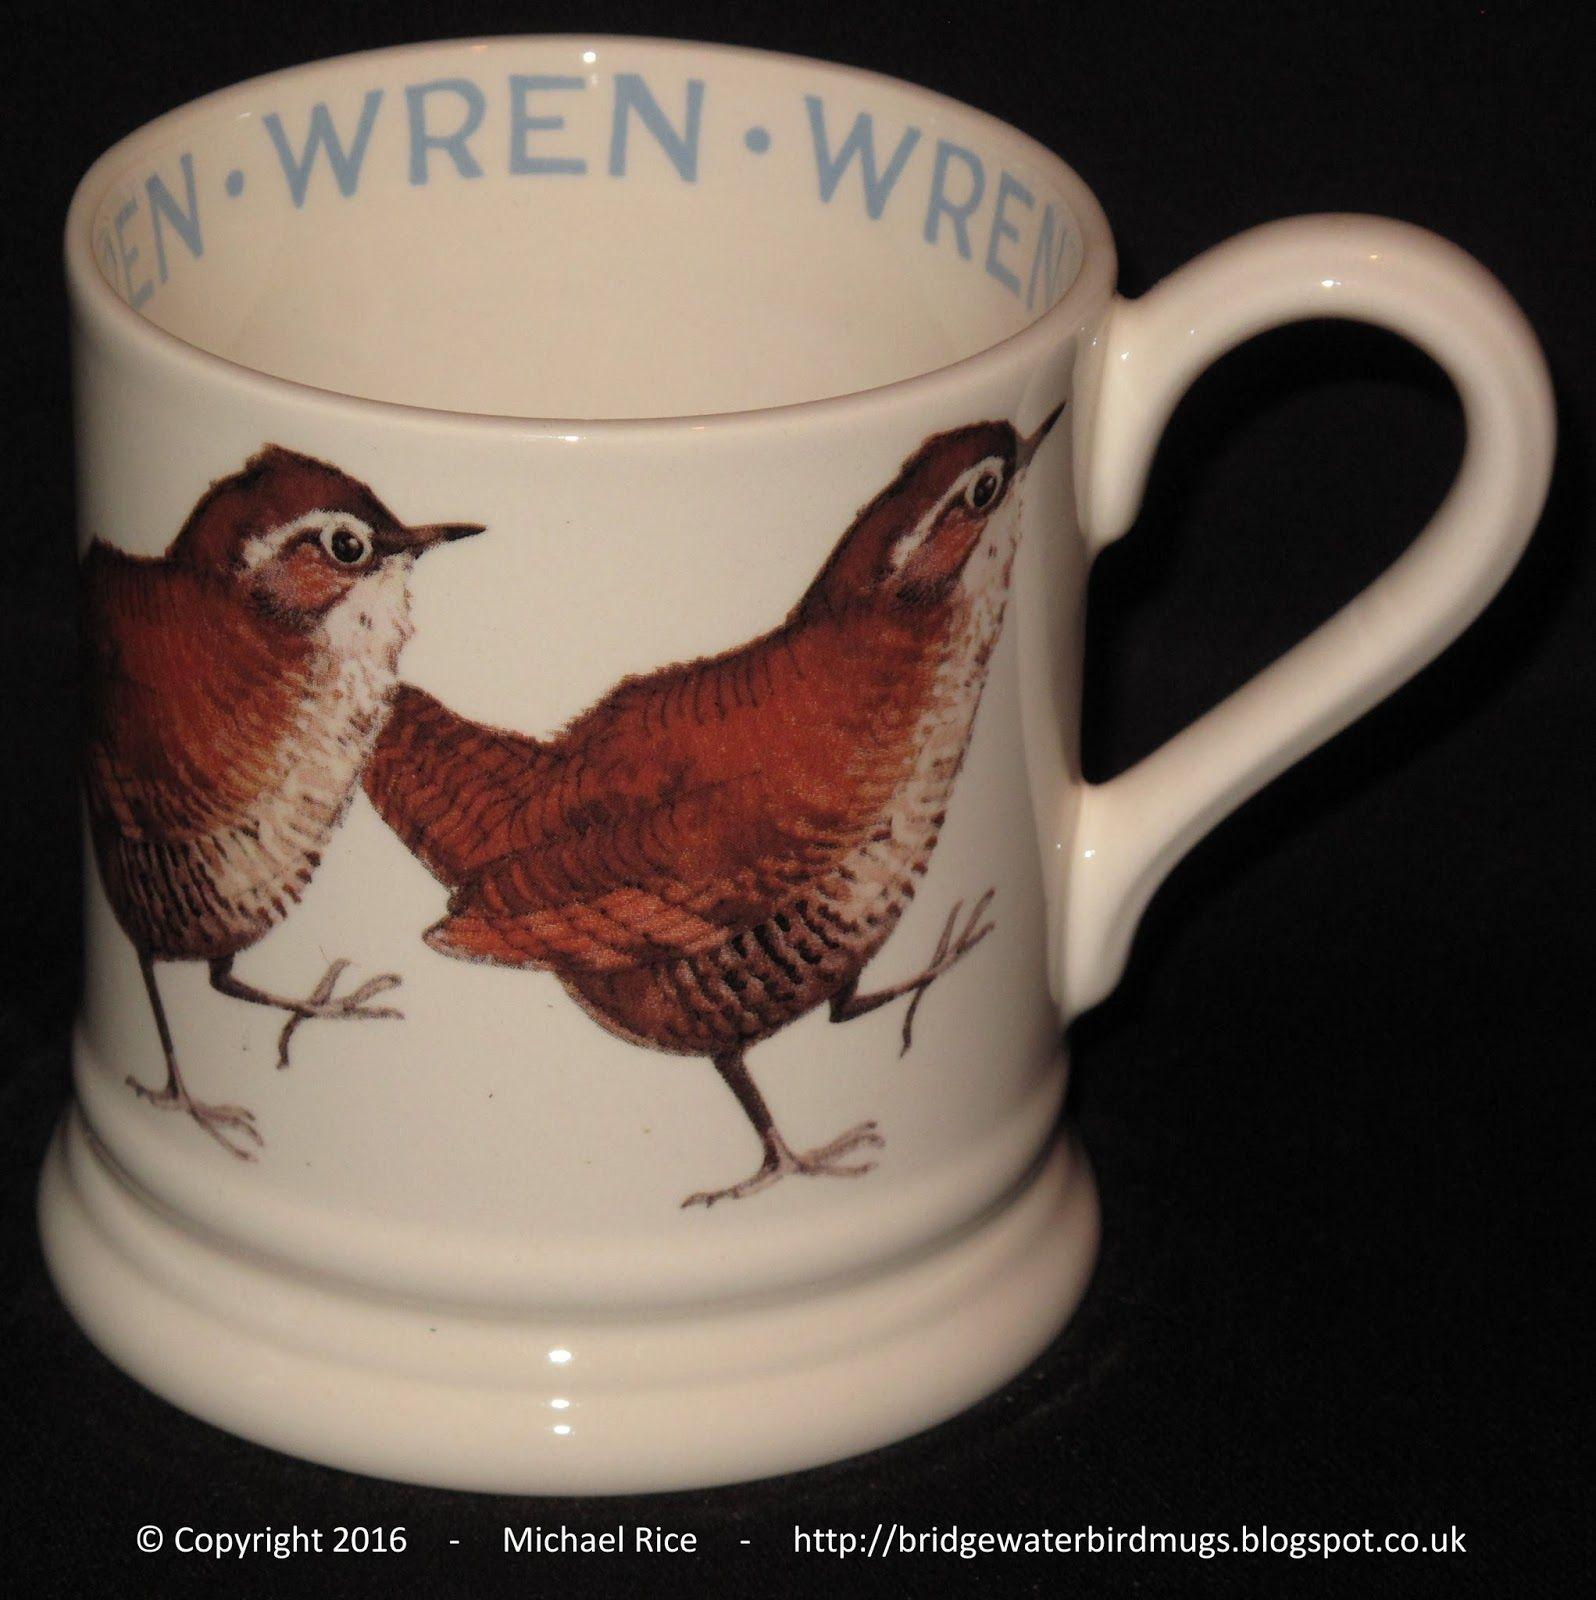 Wren 0.5 Pint Mug Emma bridgewater, Wren, Bridgewater